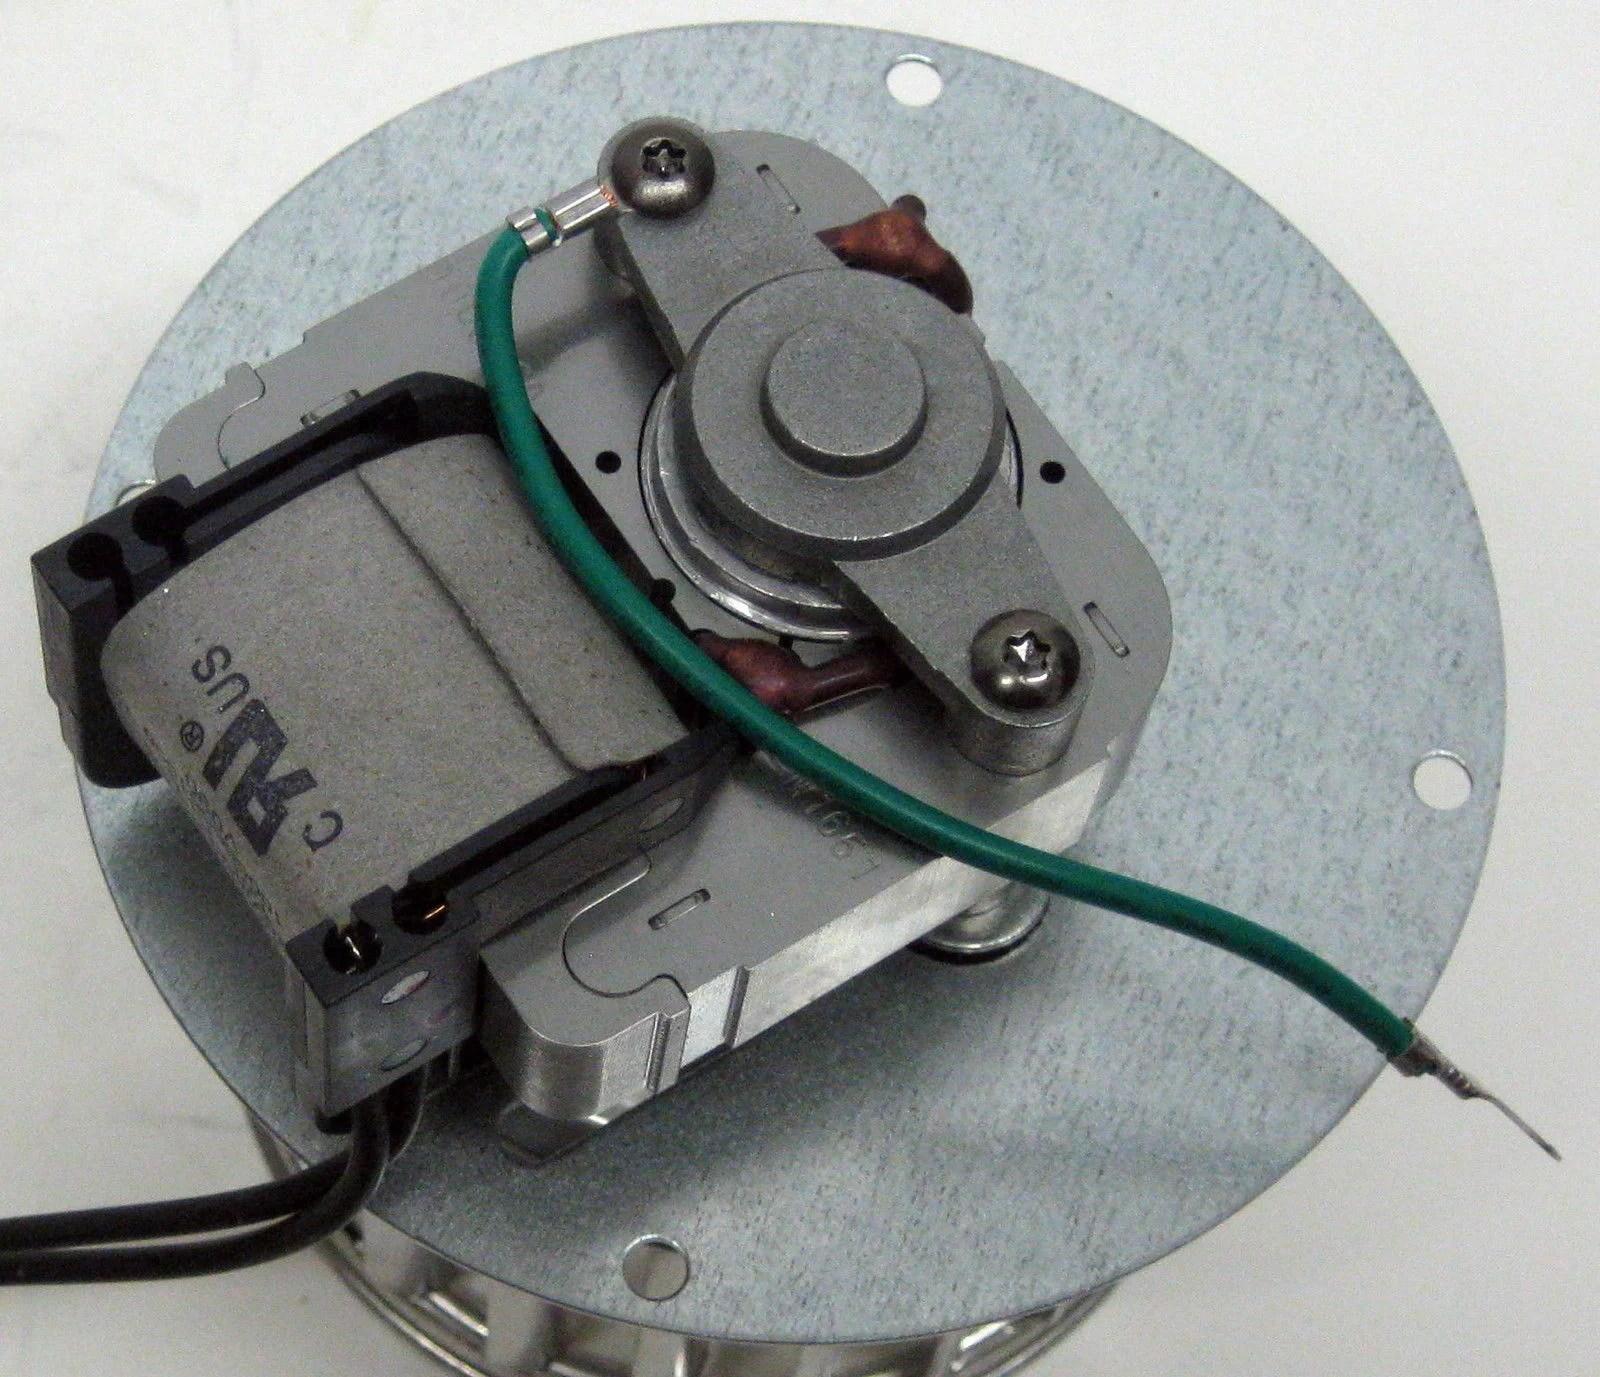 69357000 broan nutone bathroom exhaust blower motor vent fan wheel for 9605 c 57768